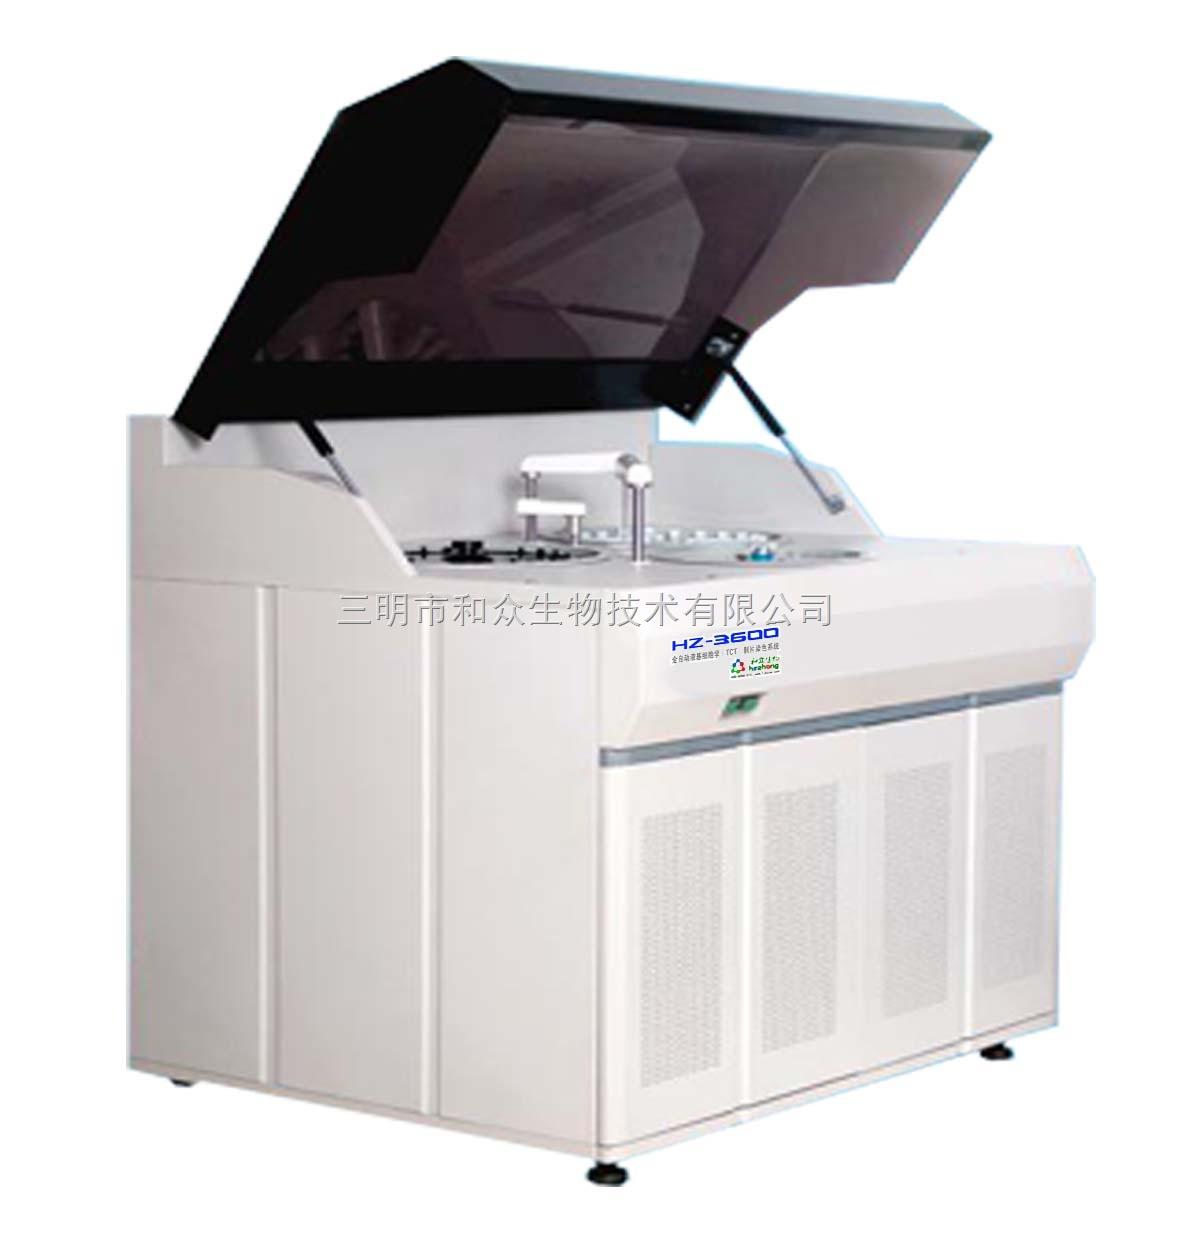 全自动TCT液基细胞制片染色系统